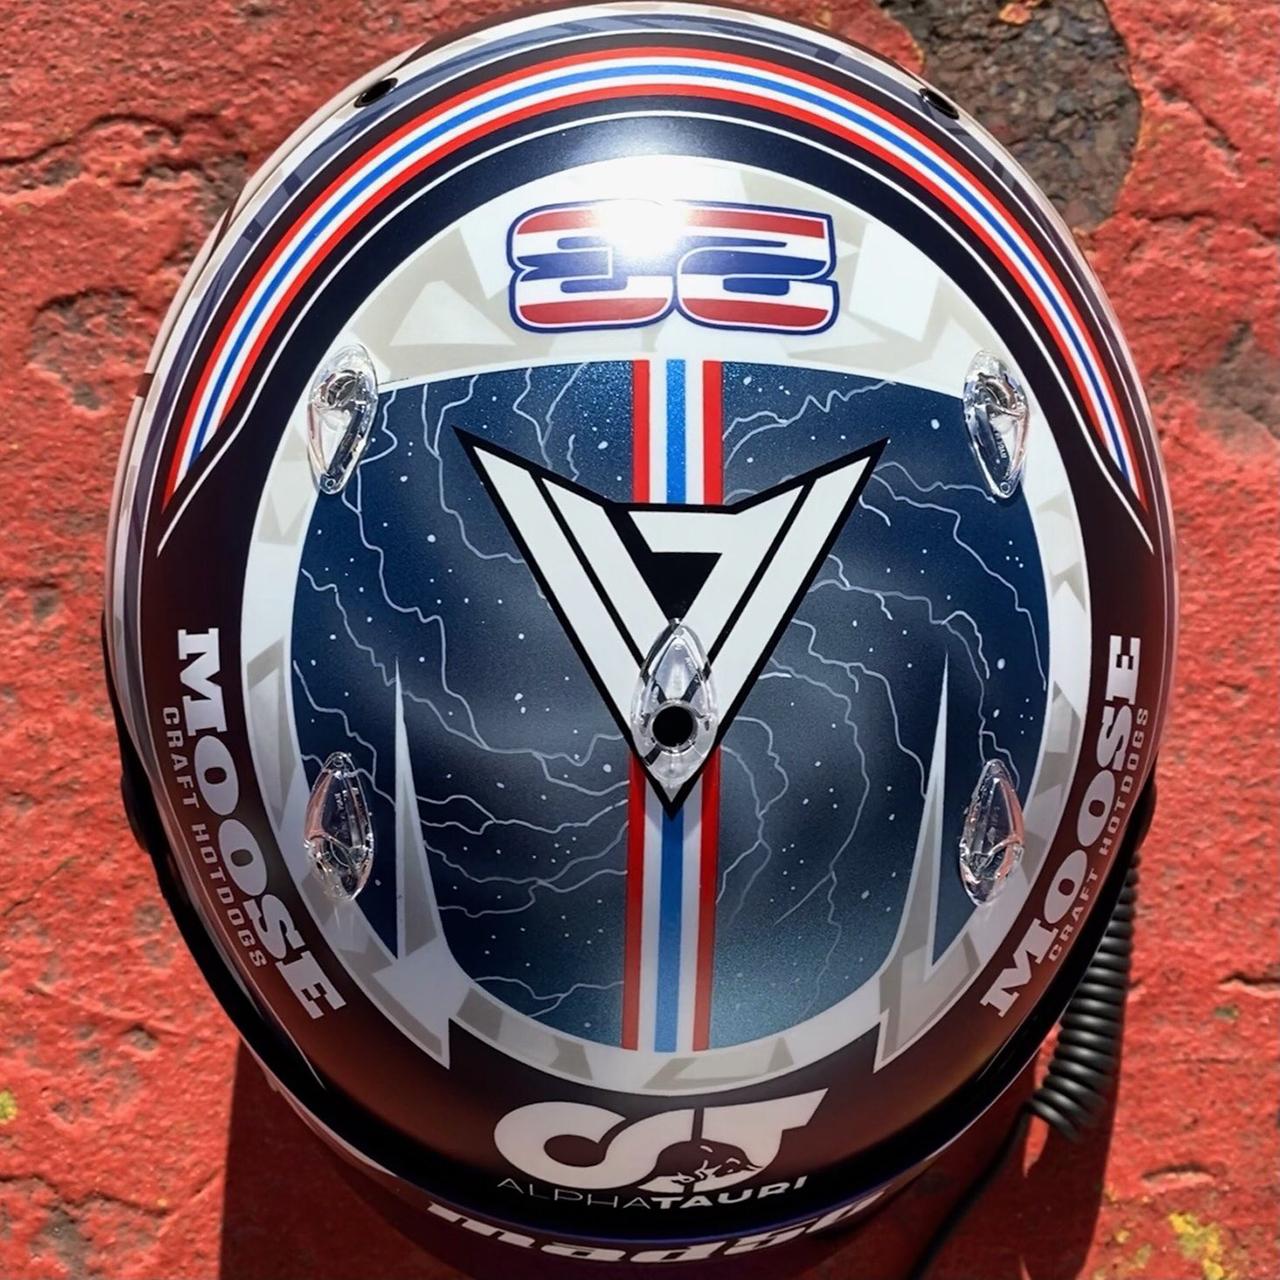 アレクサンダー・アルボン 2021年 ヘルメット(レッドブルF1)